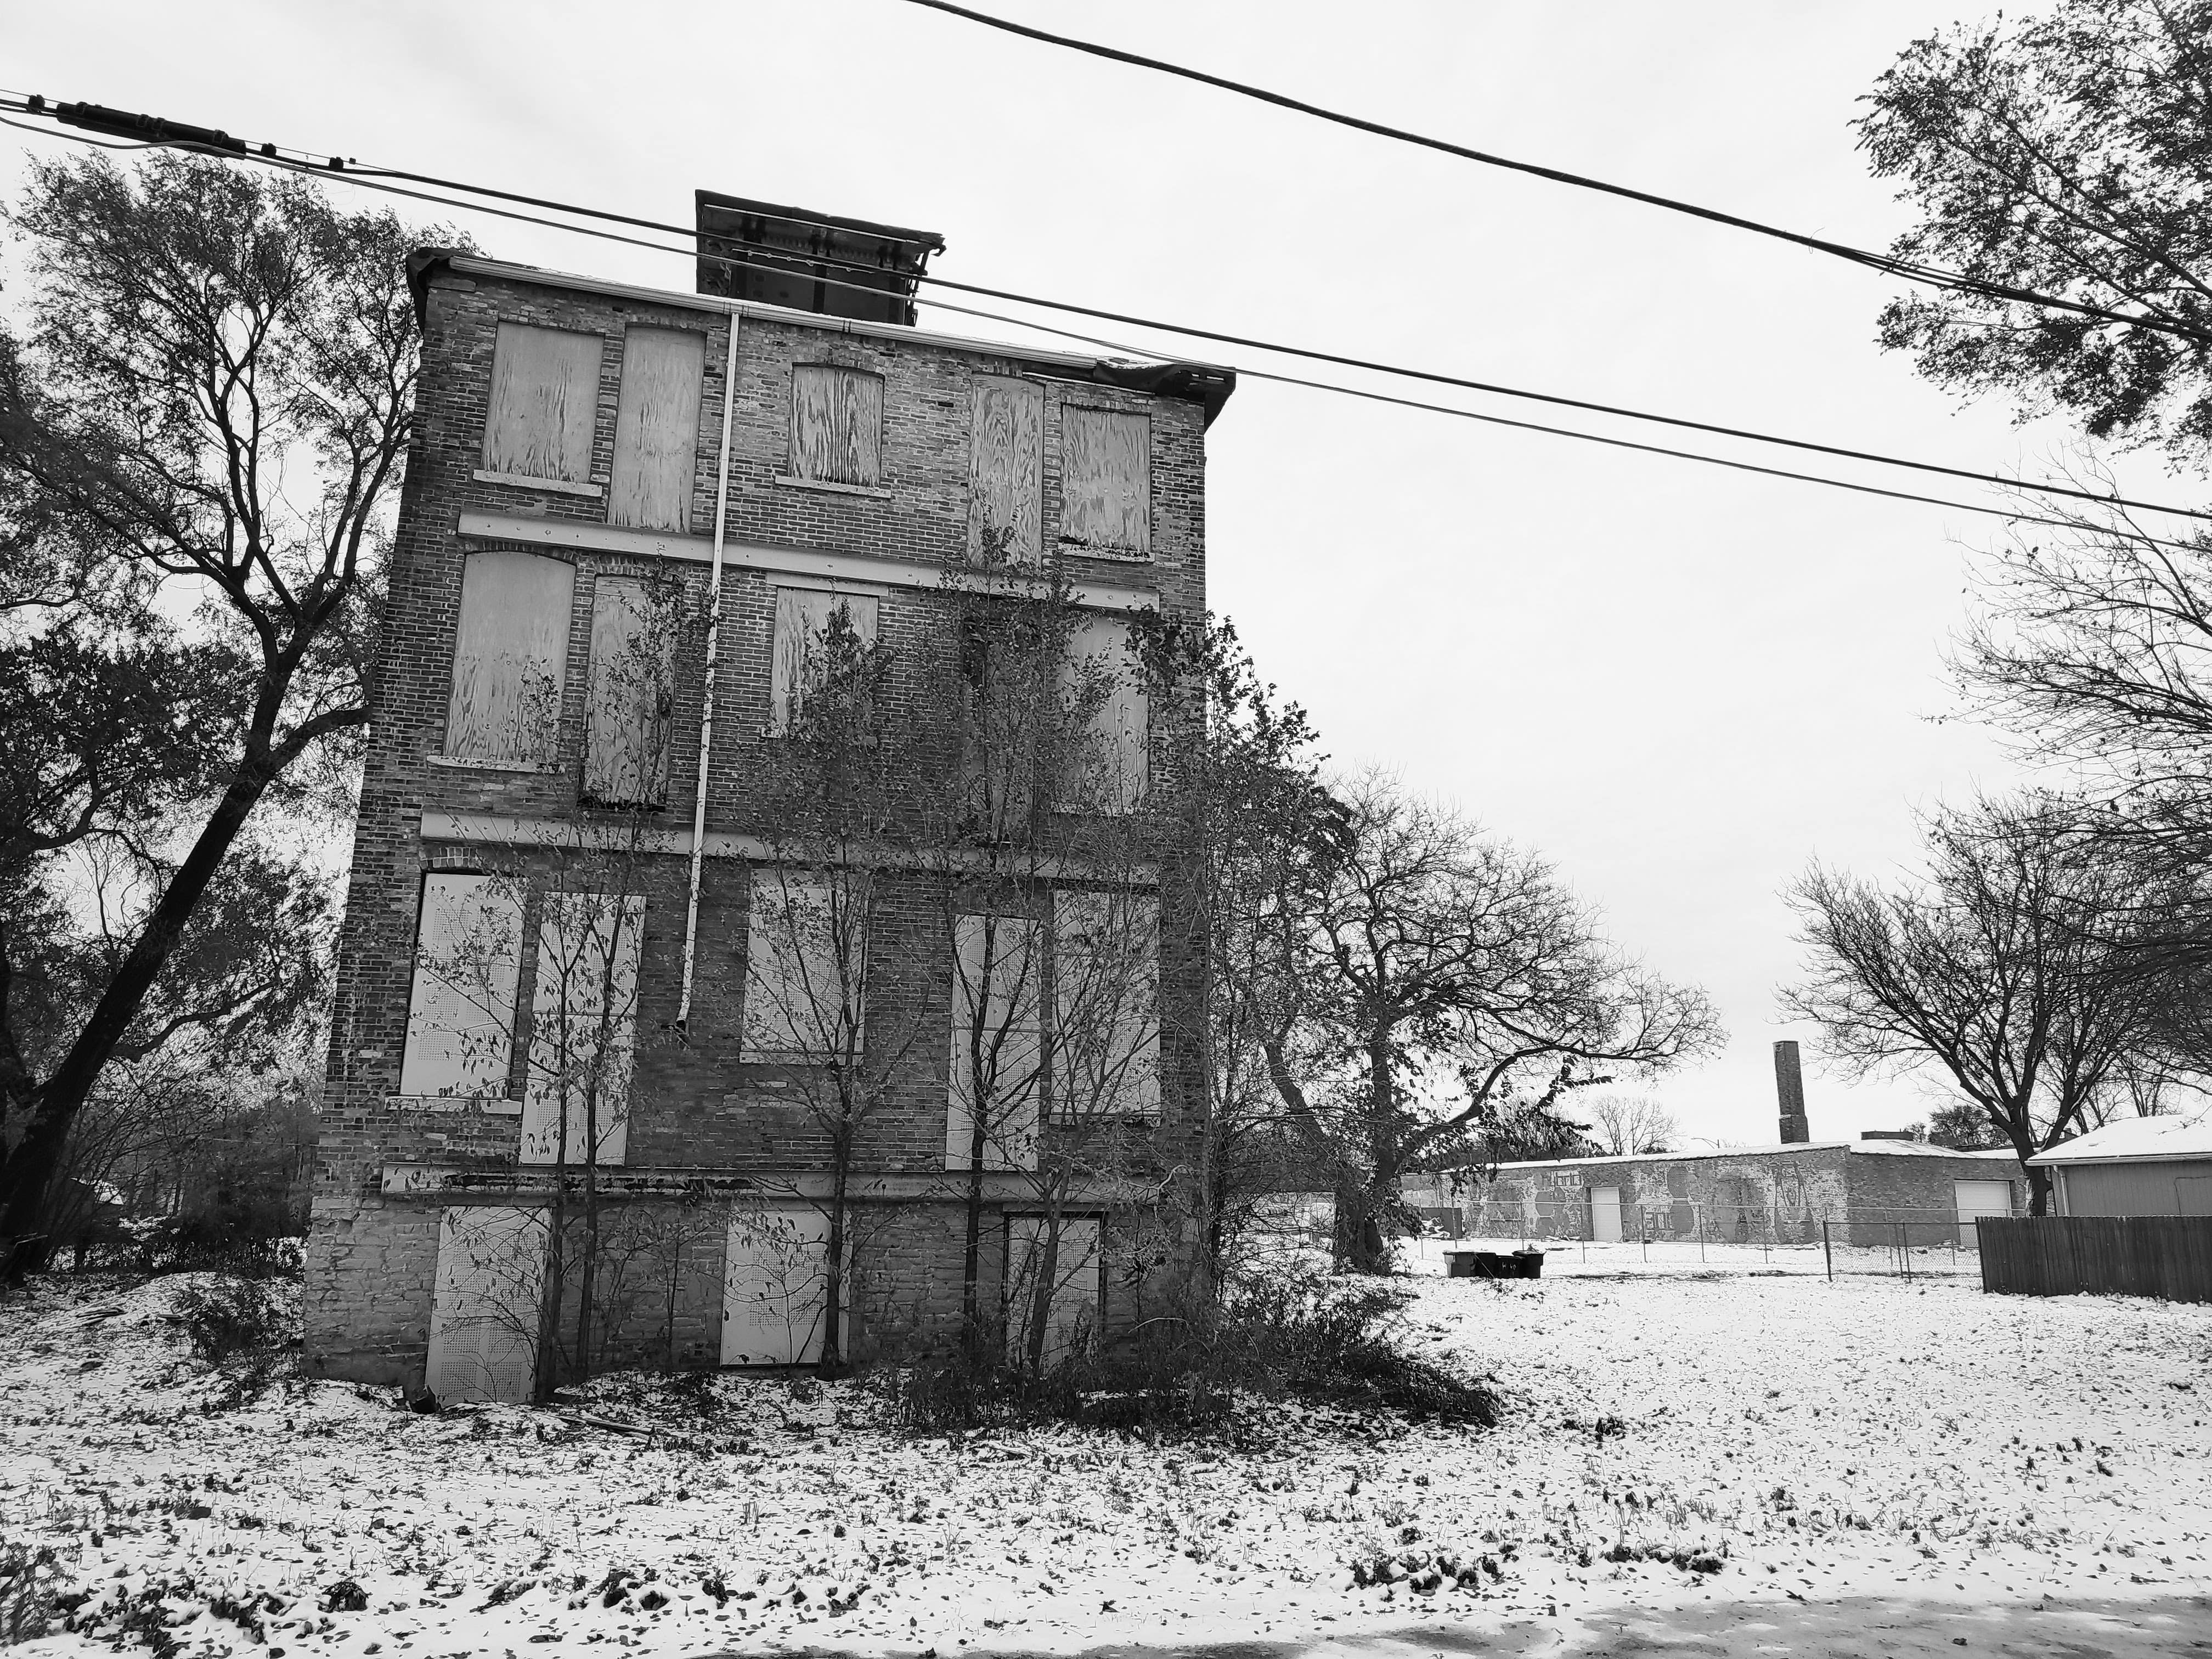 Un terreno baldío abandonado en Englewood, sur de Chicago.